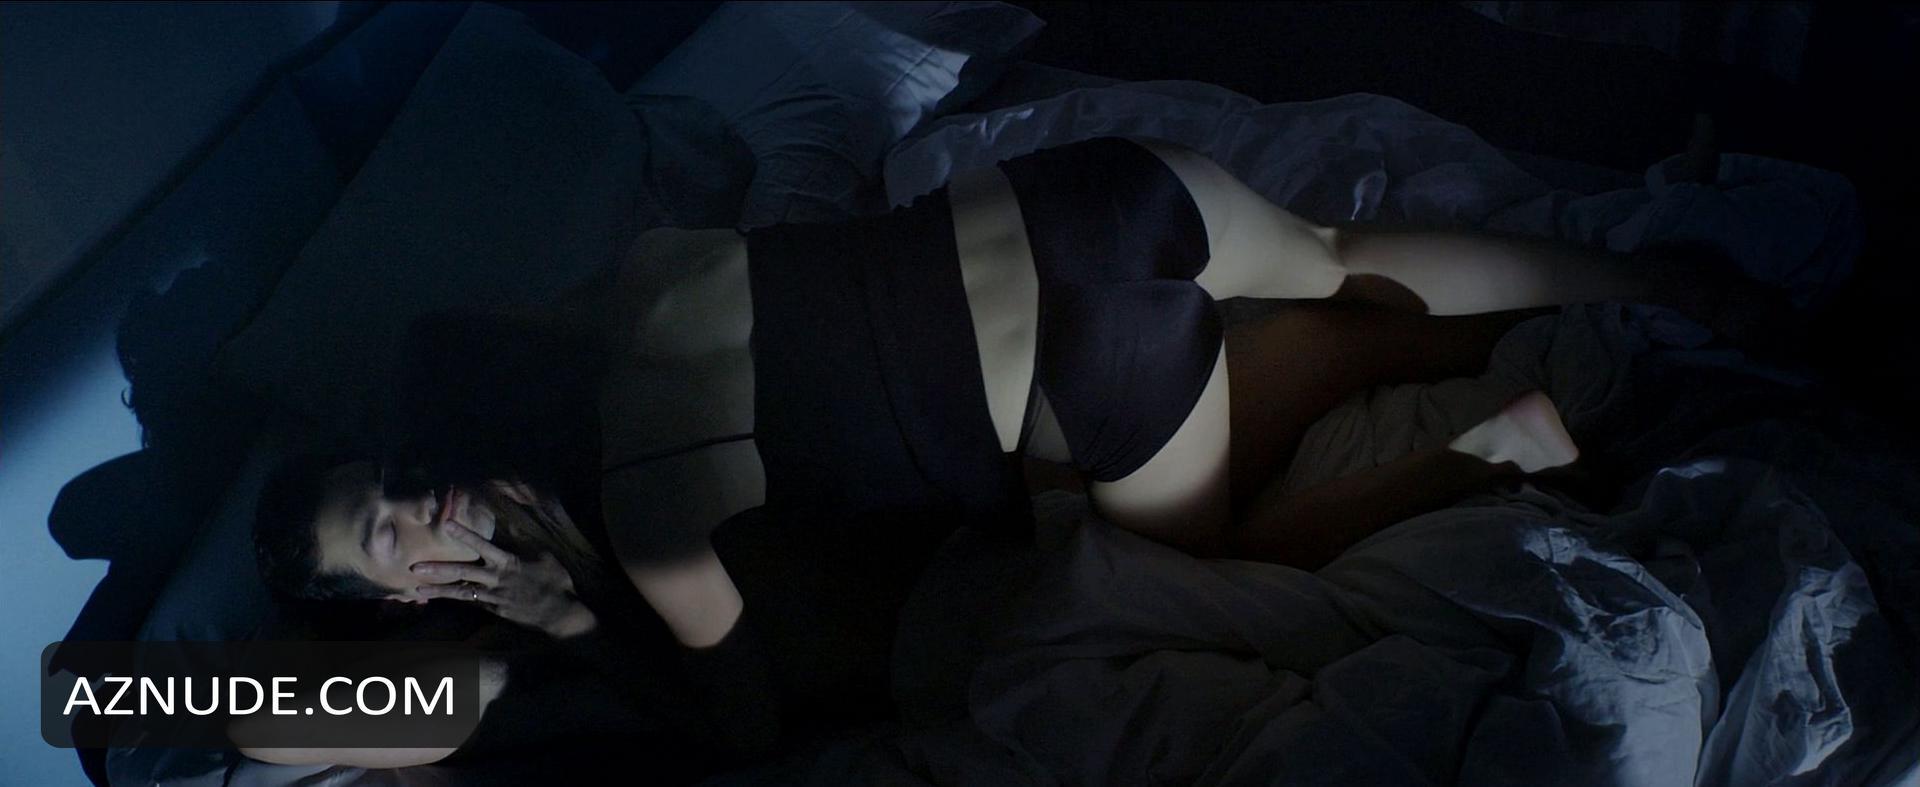 Pussy Kathleen Munroe nude (85 photo) Selfie, Instagram, underwear